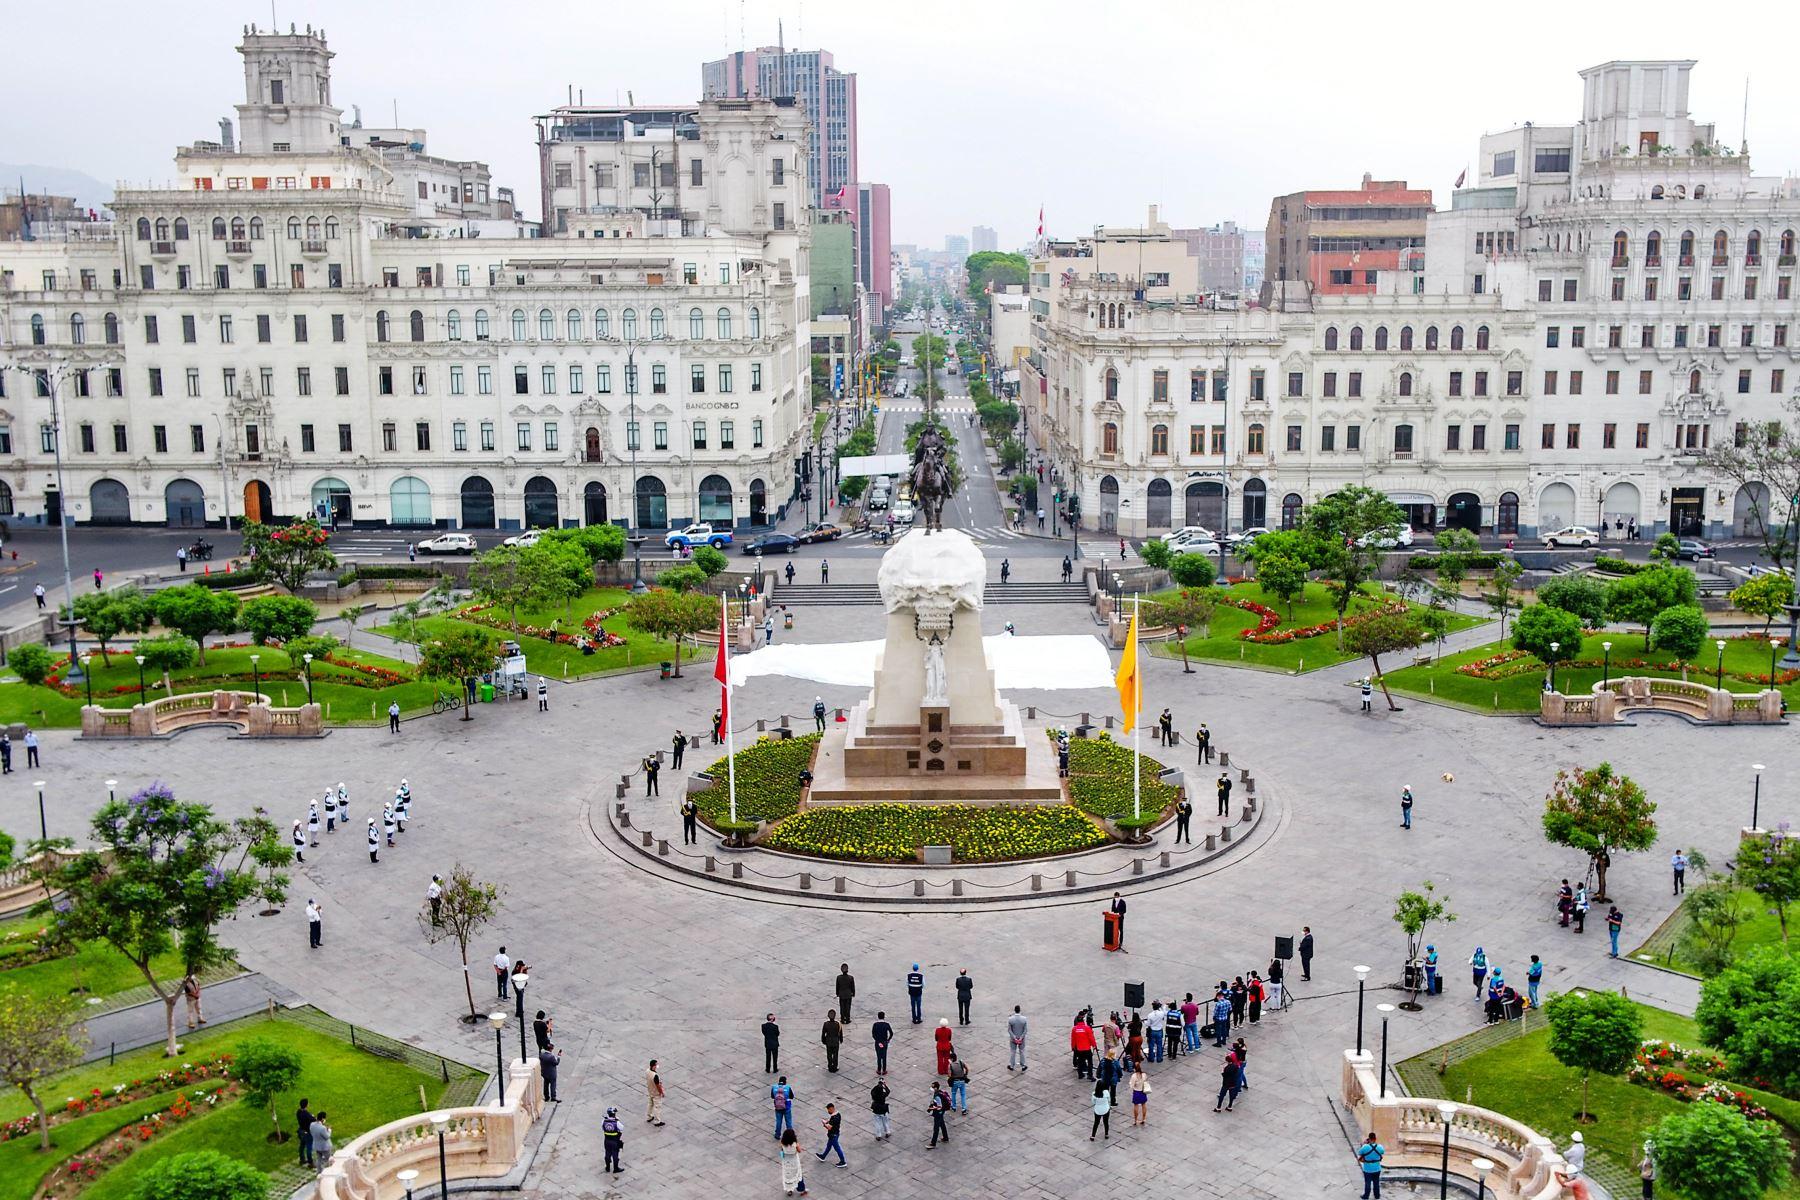 El alcalde  de Lima Jorge Muñoz, presenta el monumento al libertador José de San Martín totalmente restaurado, en el marco de la implementación del Plan Maestro del Centro Histórico y continuando con la recuperación de esculturas públicas de la ciudad. Foto: ANDINA/ Municipalidad de Lima